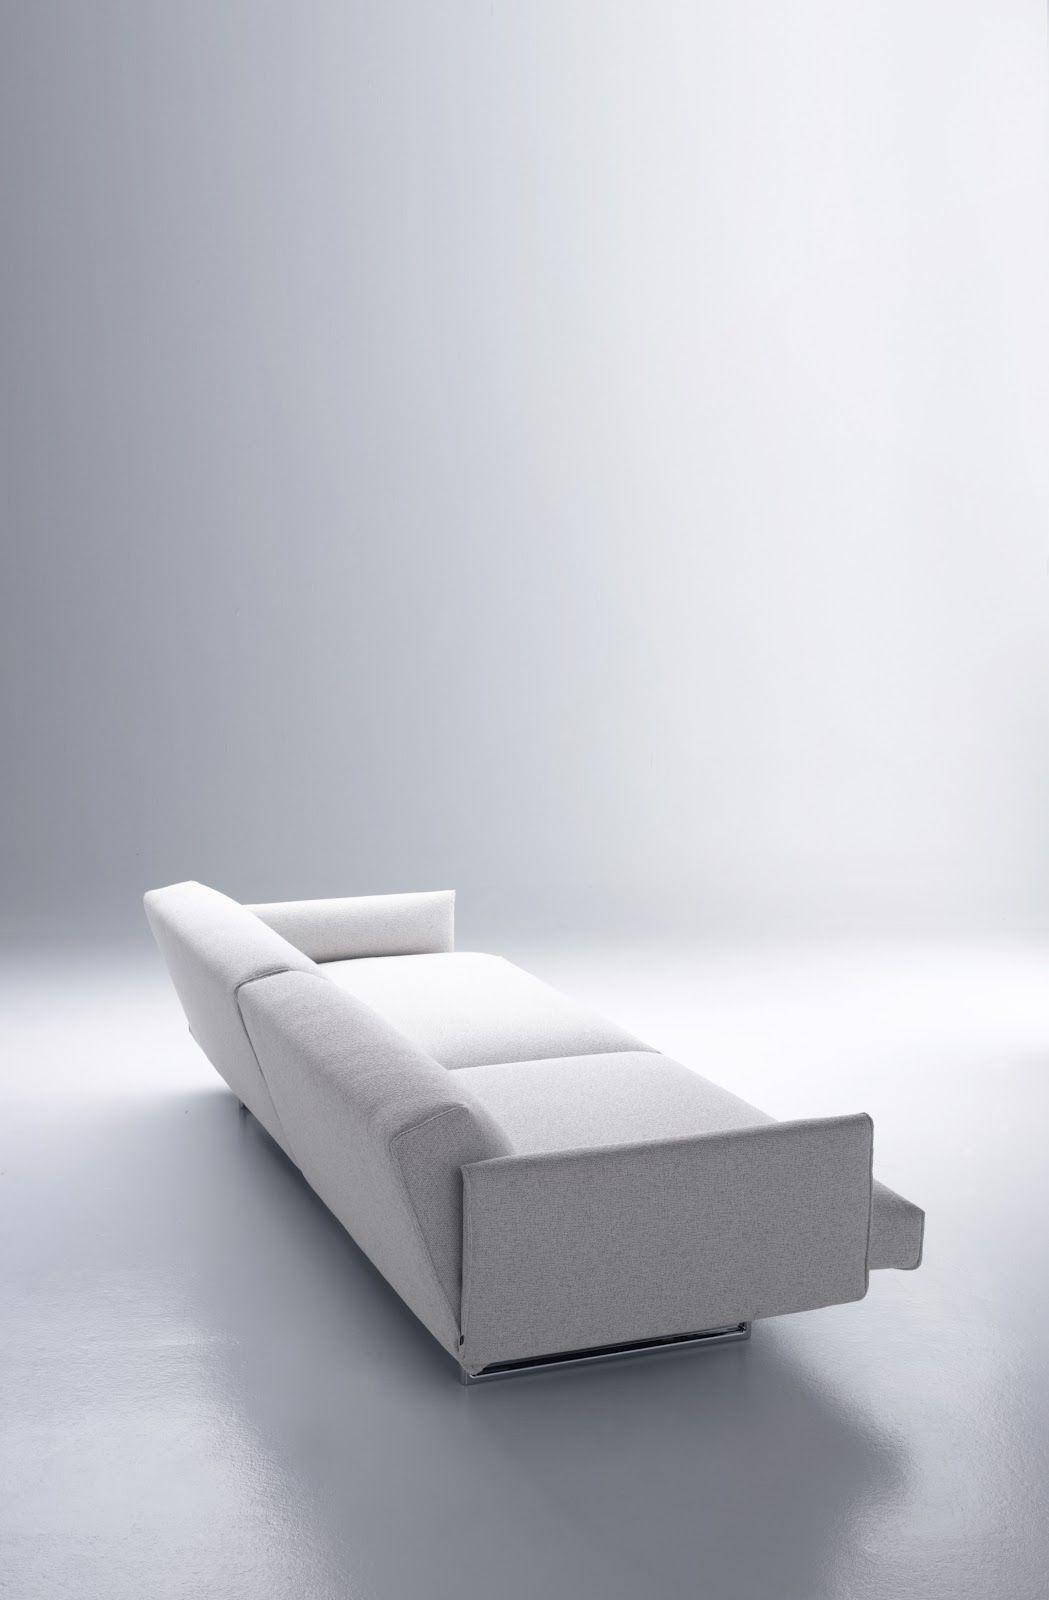 hara sofa 2 sitzer l 200 cm mit automatisch verstellbarer. Black Bedroom Furniture Sets. Home Design Ideas